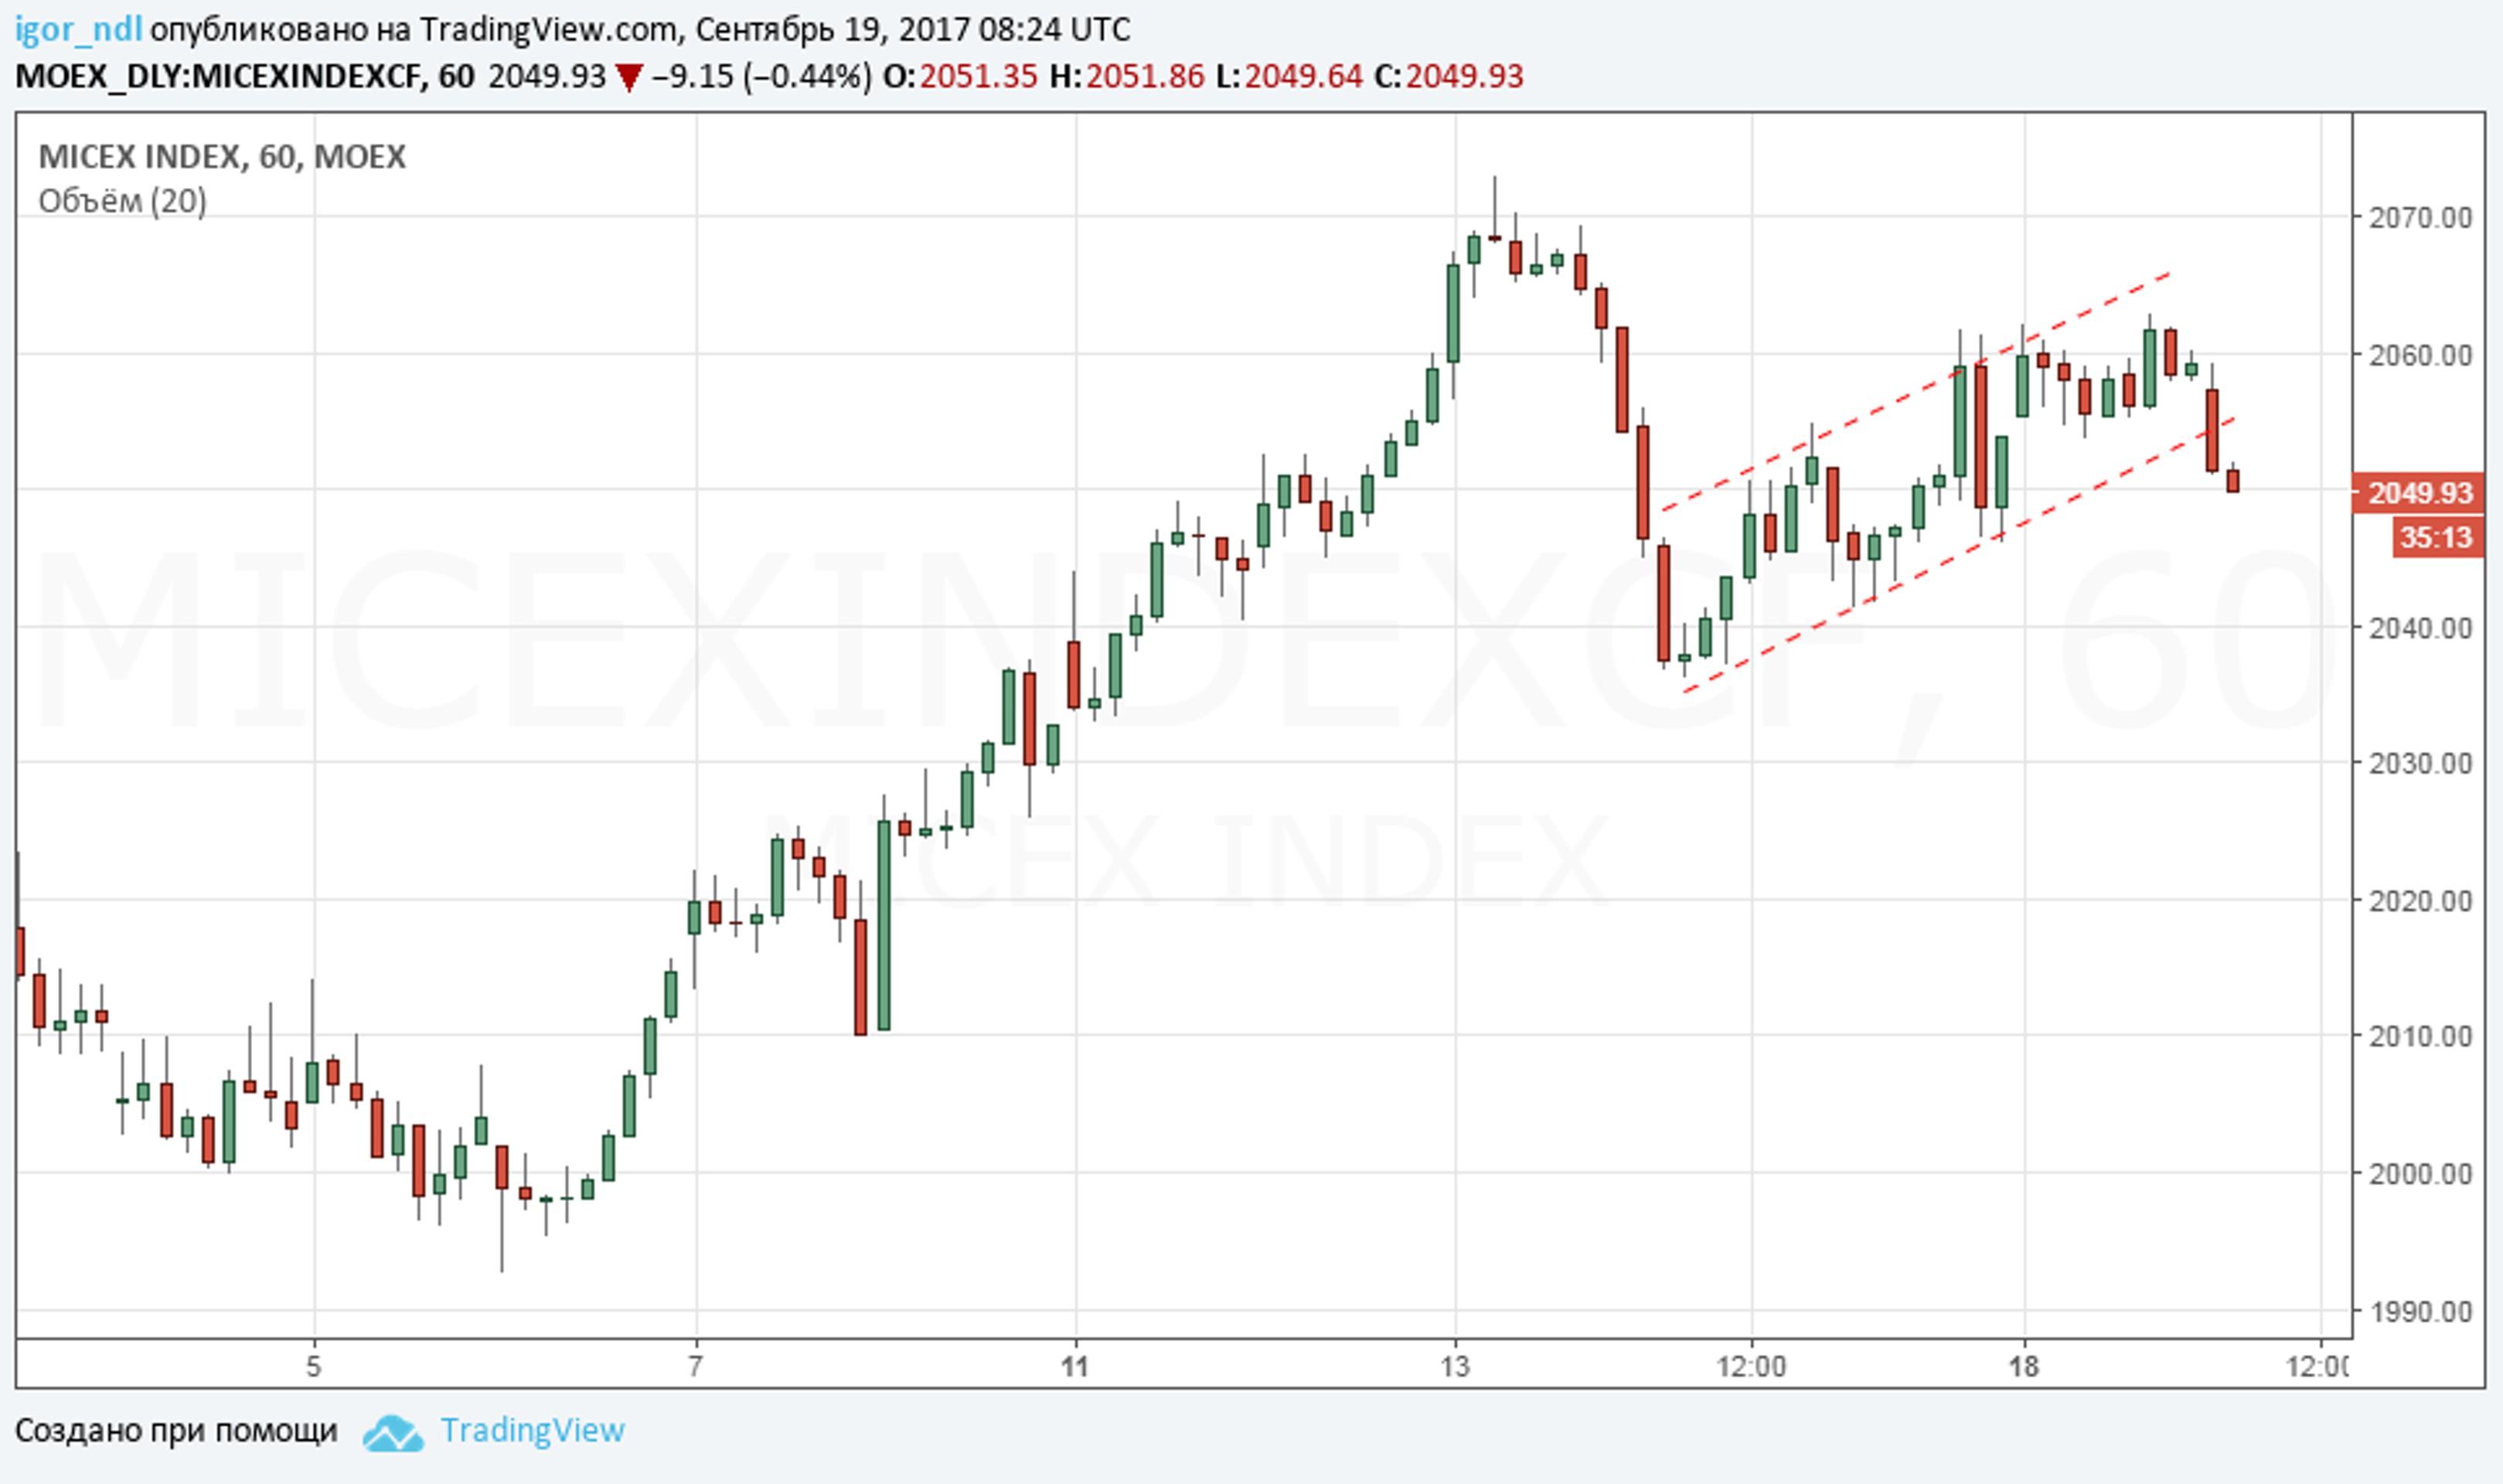 Инвесторы покидают российский рынок?